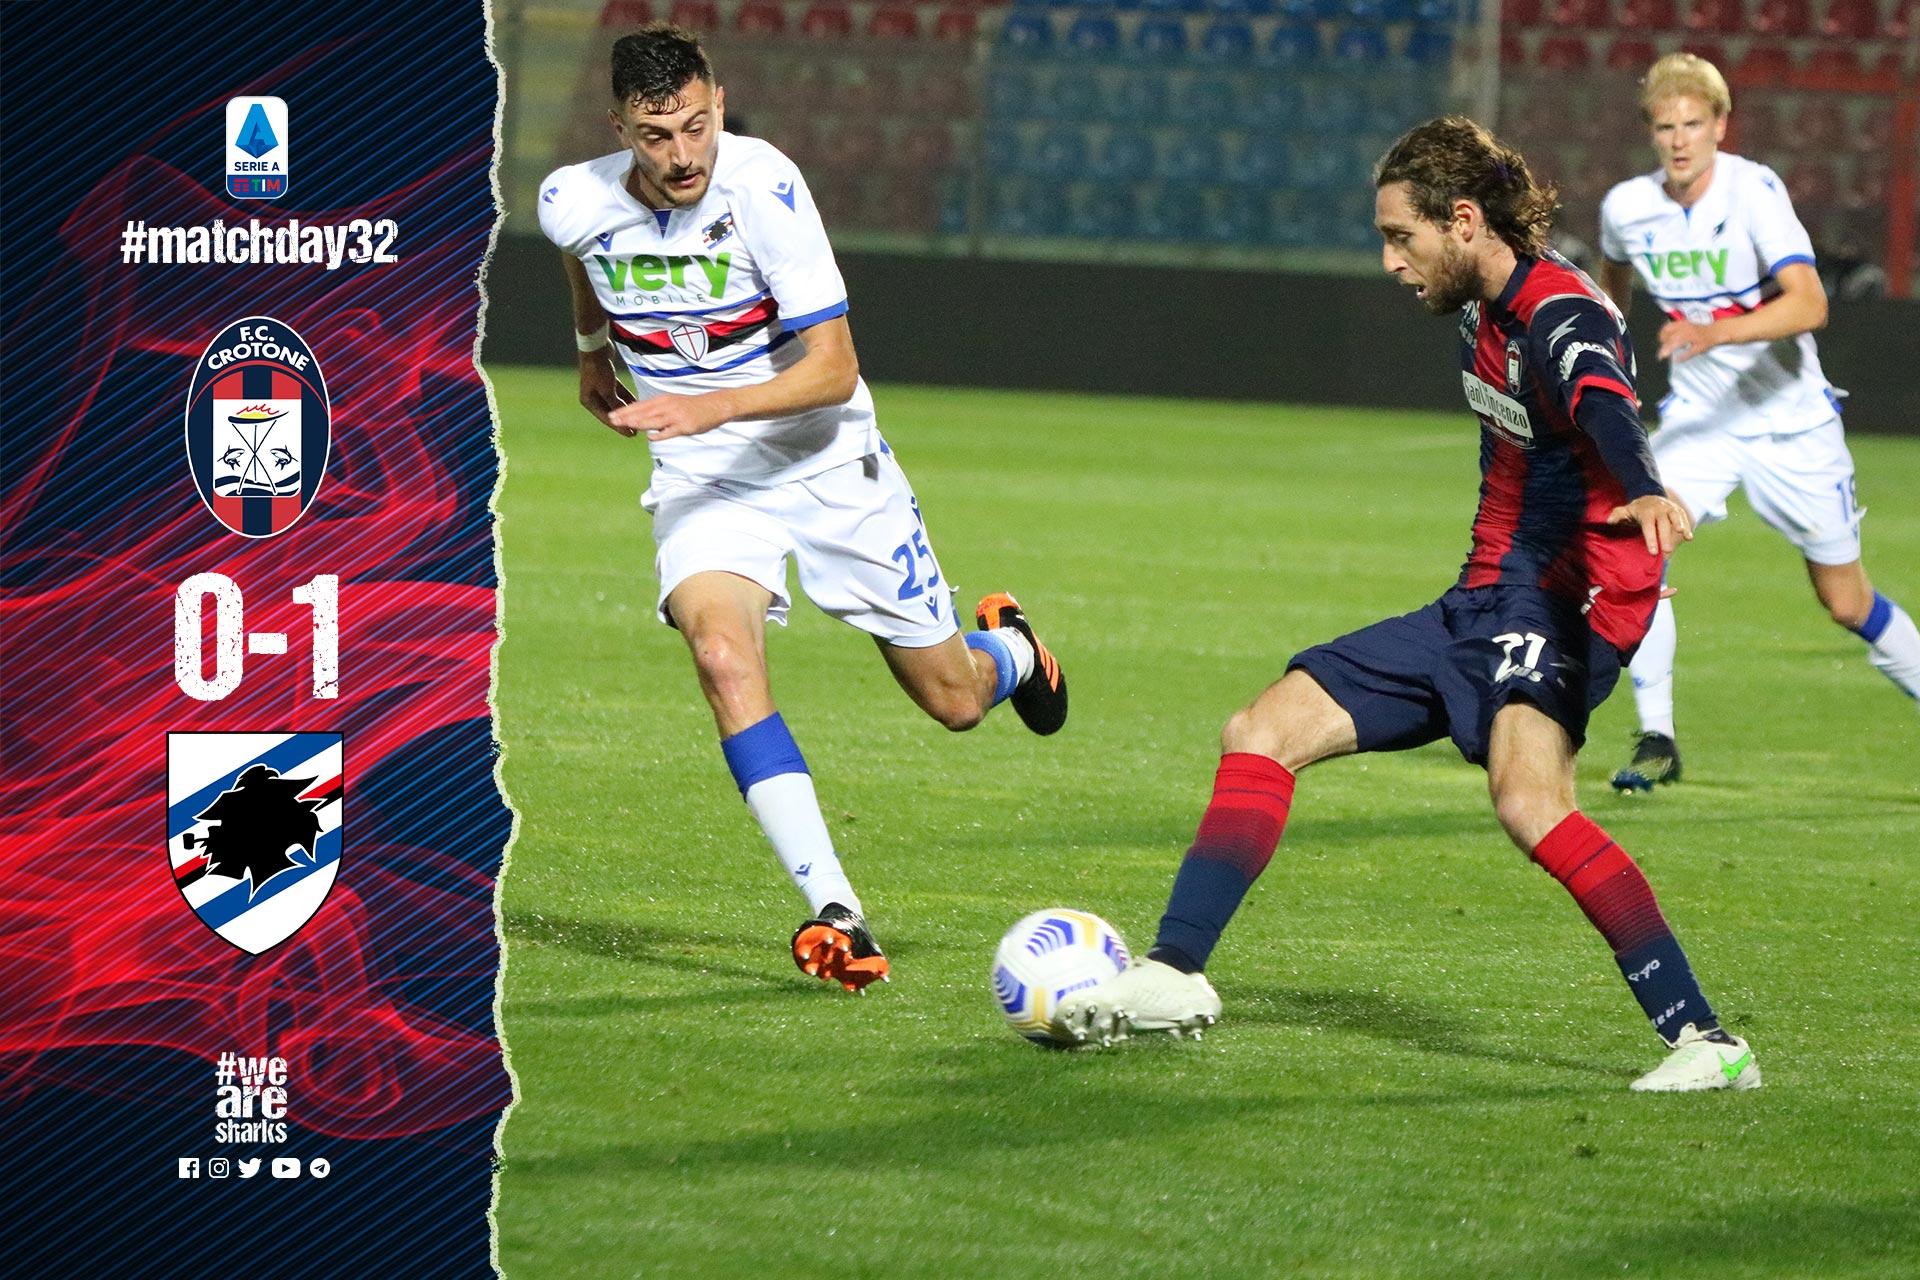 Serie A Tim, 32ª giornata: Crotone-Sampdoria 0-1